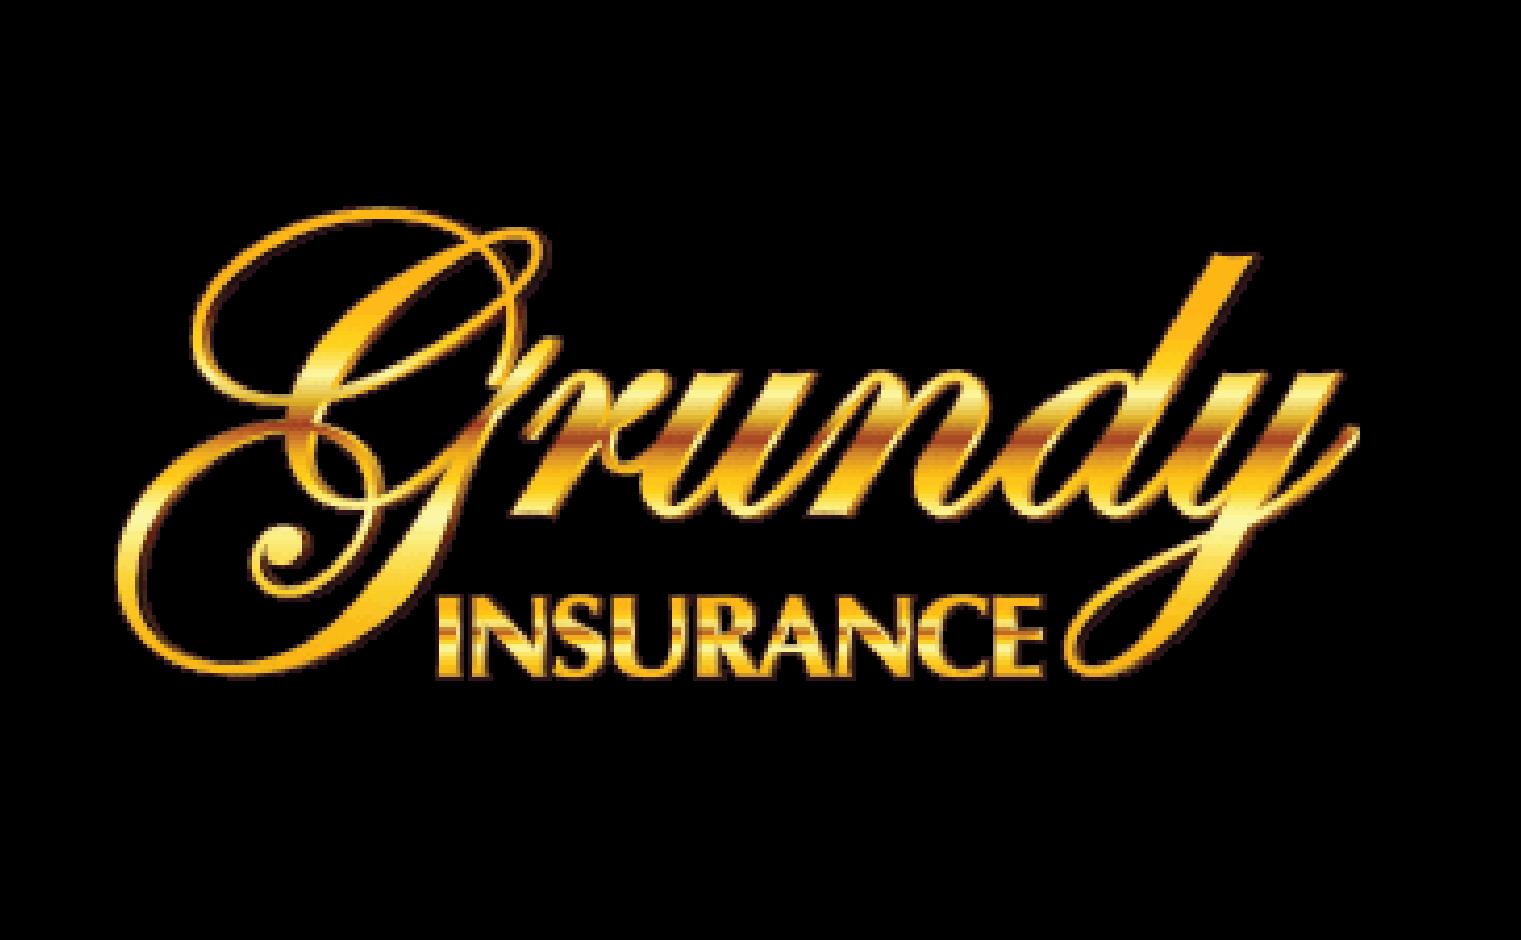 Grundy Insurance